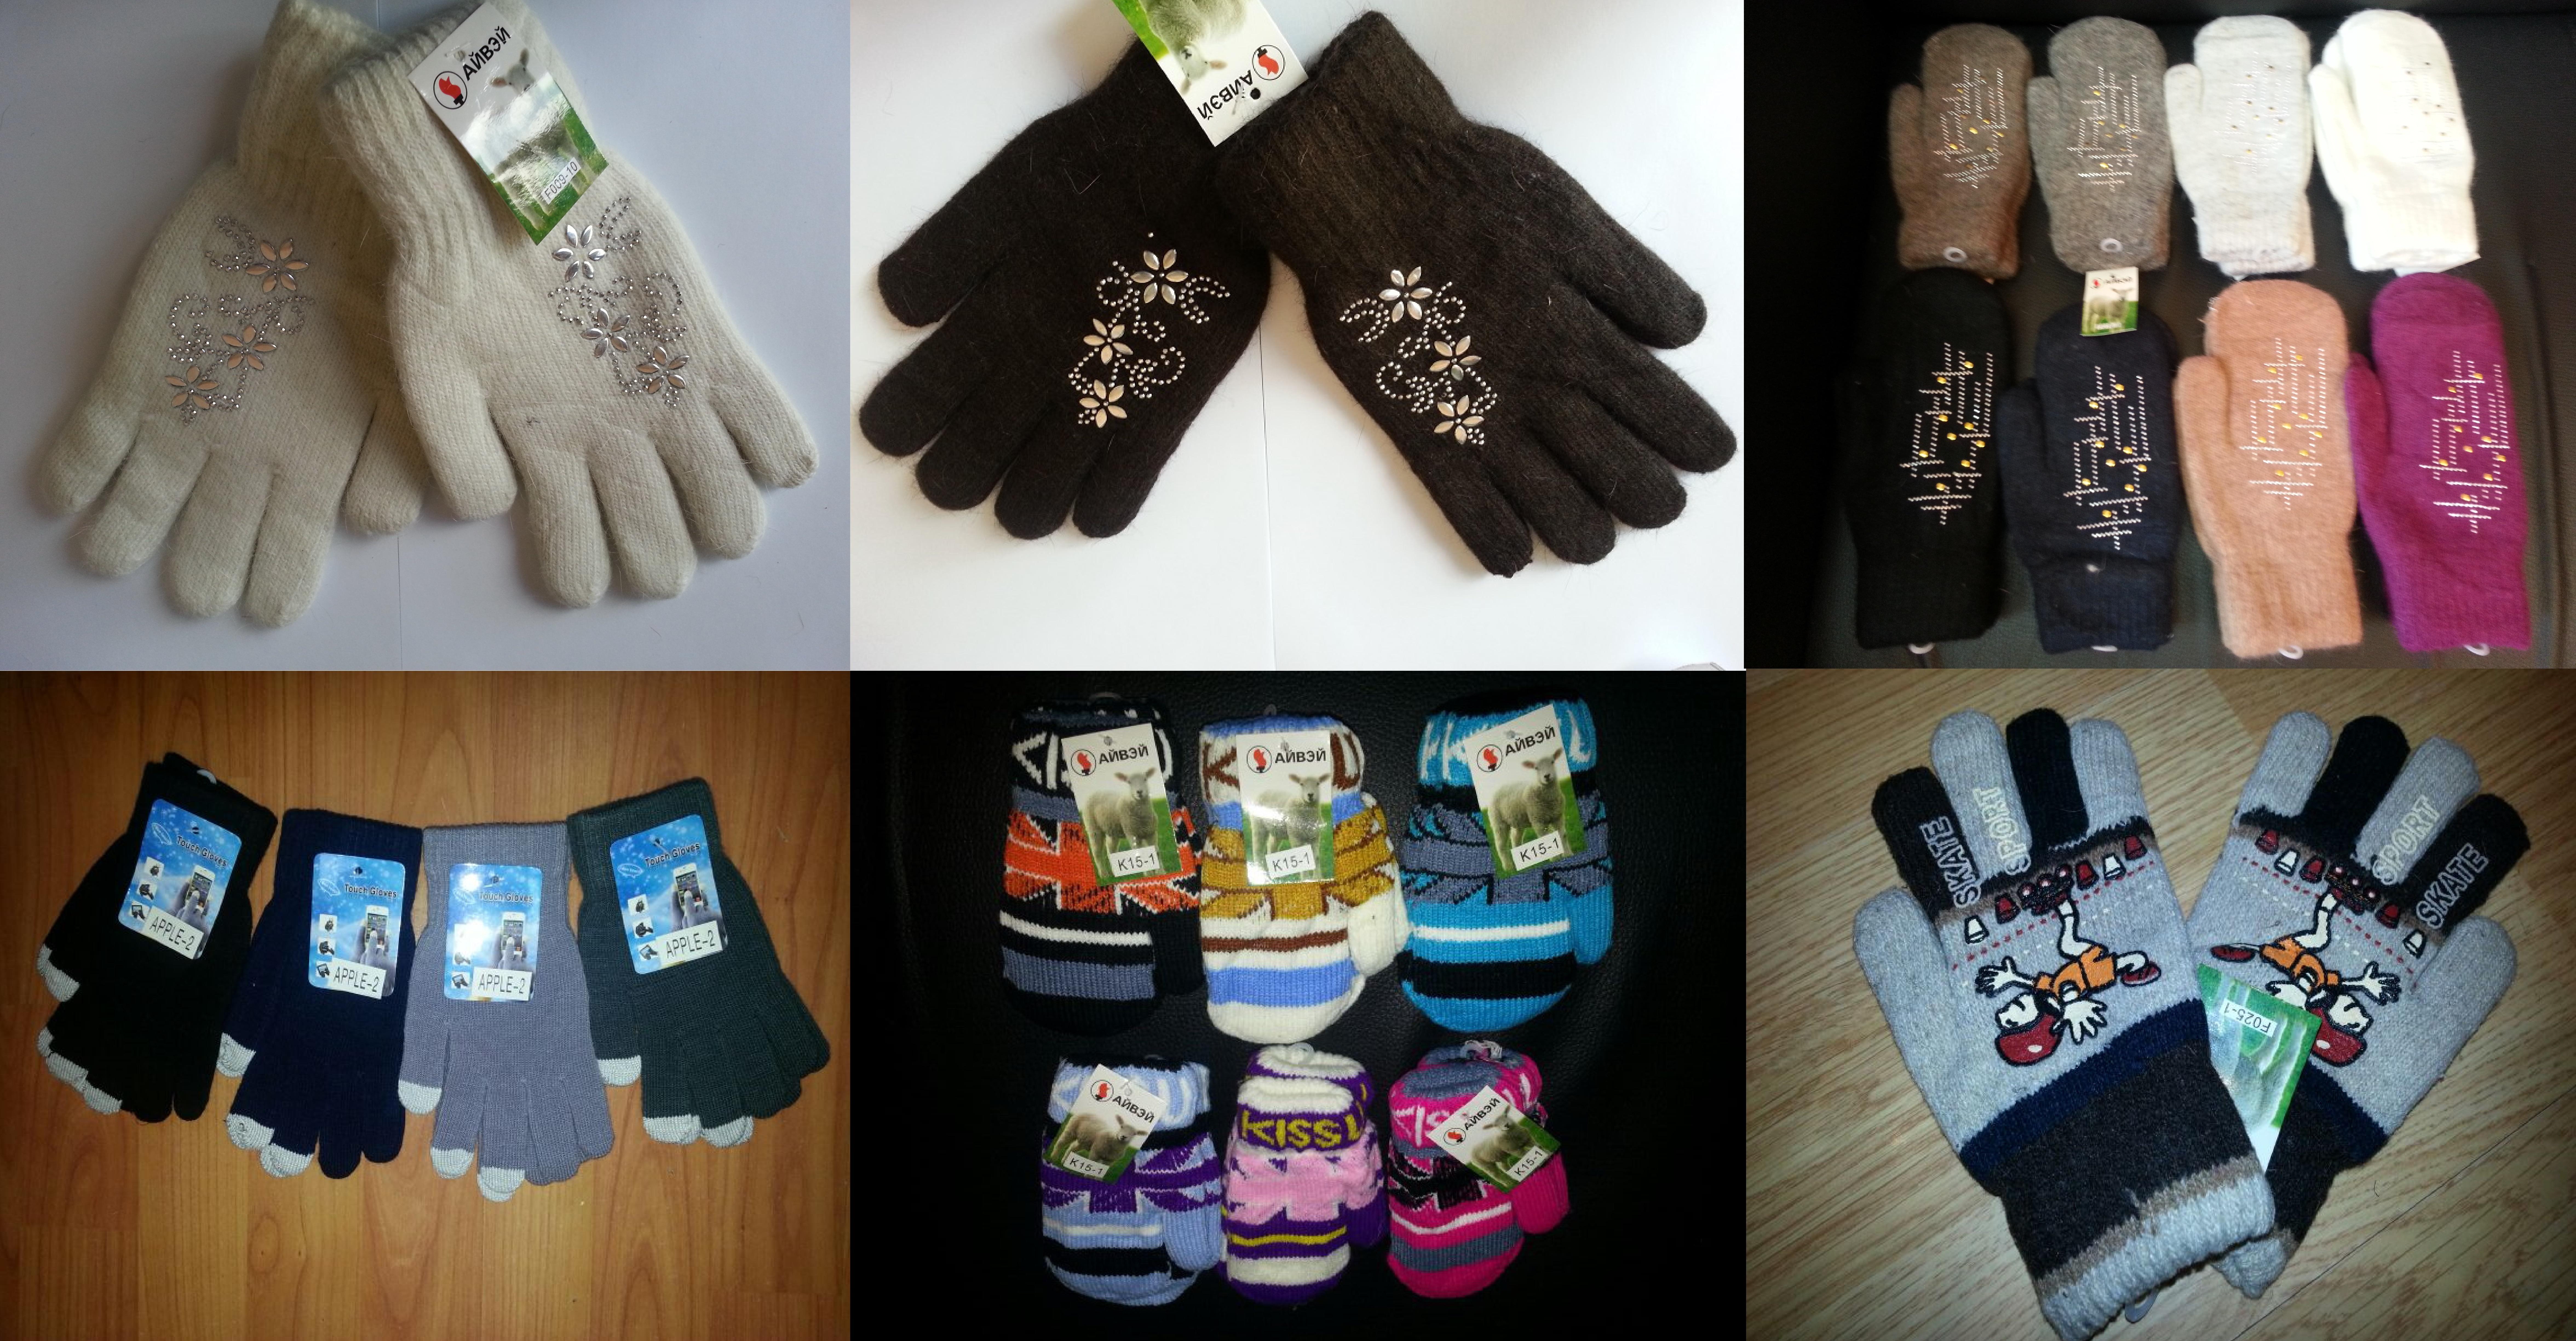 перчатки  и  варежки  овечья  шерсть,бамбук  для  всей  семьи,  сенсорные.  в  налич,  от  100  руб!!!  Москва,  р